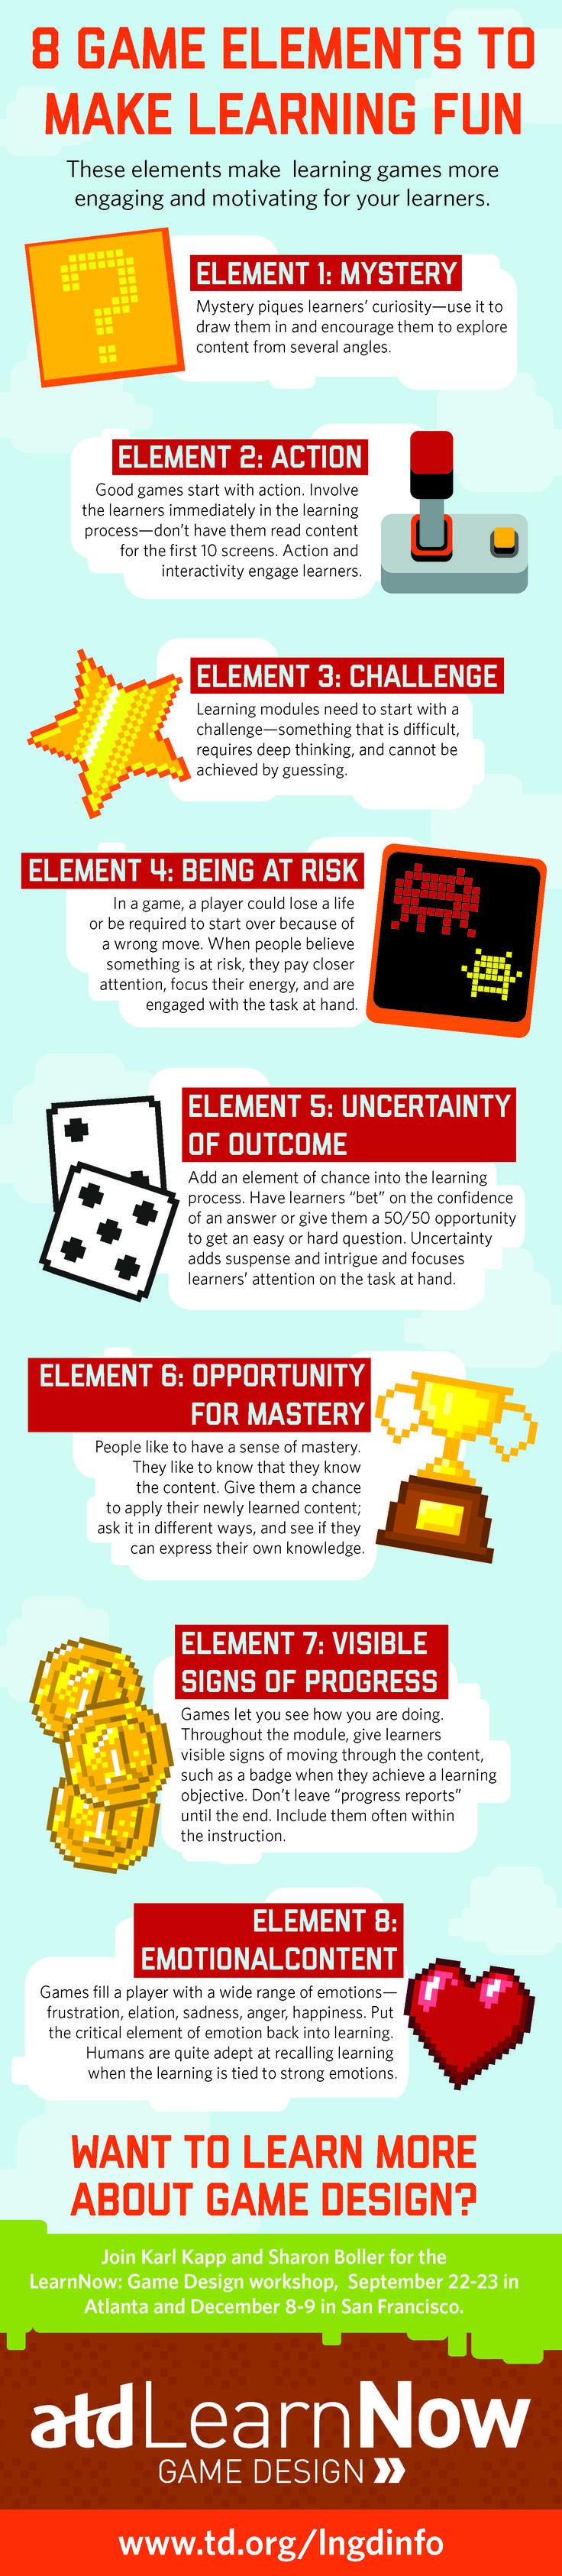 8 elementos del juego que podemos utilizar para convertir el aprendizaje en algo divertido